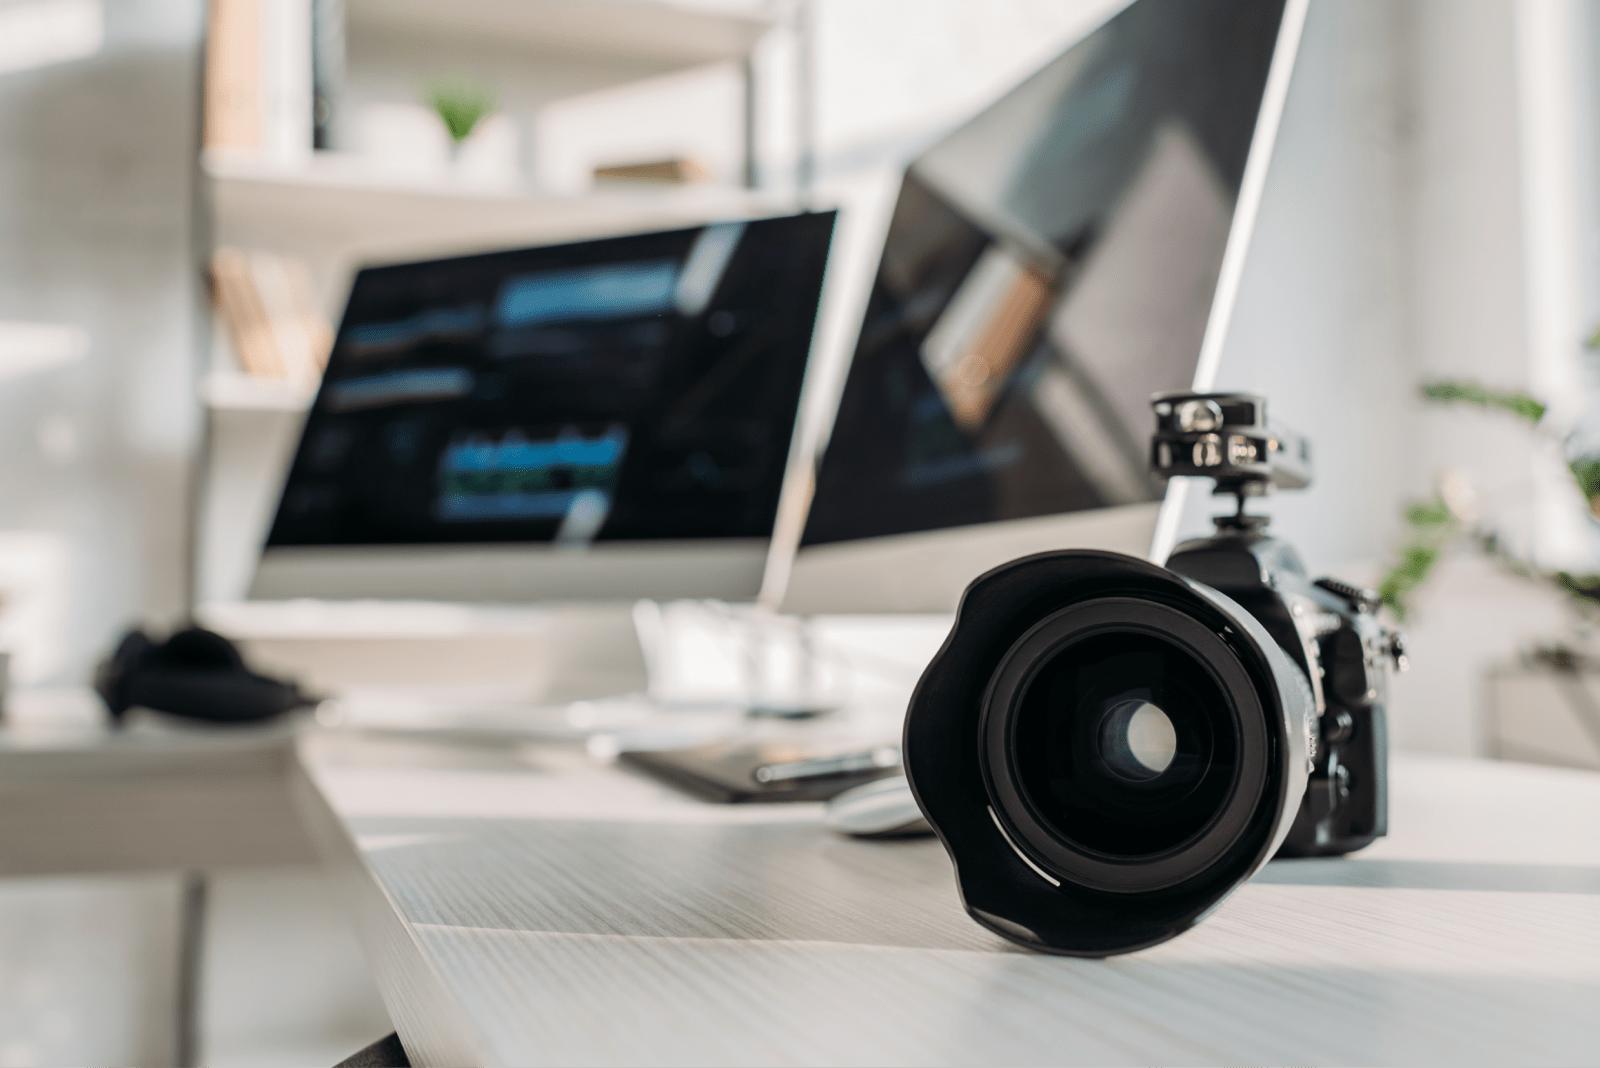 パソコンの近くに置かれたカメラ